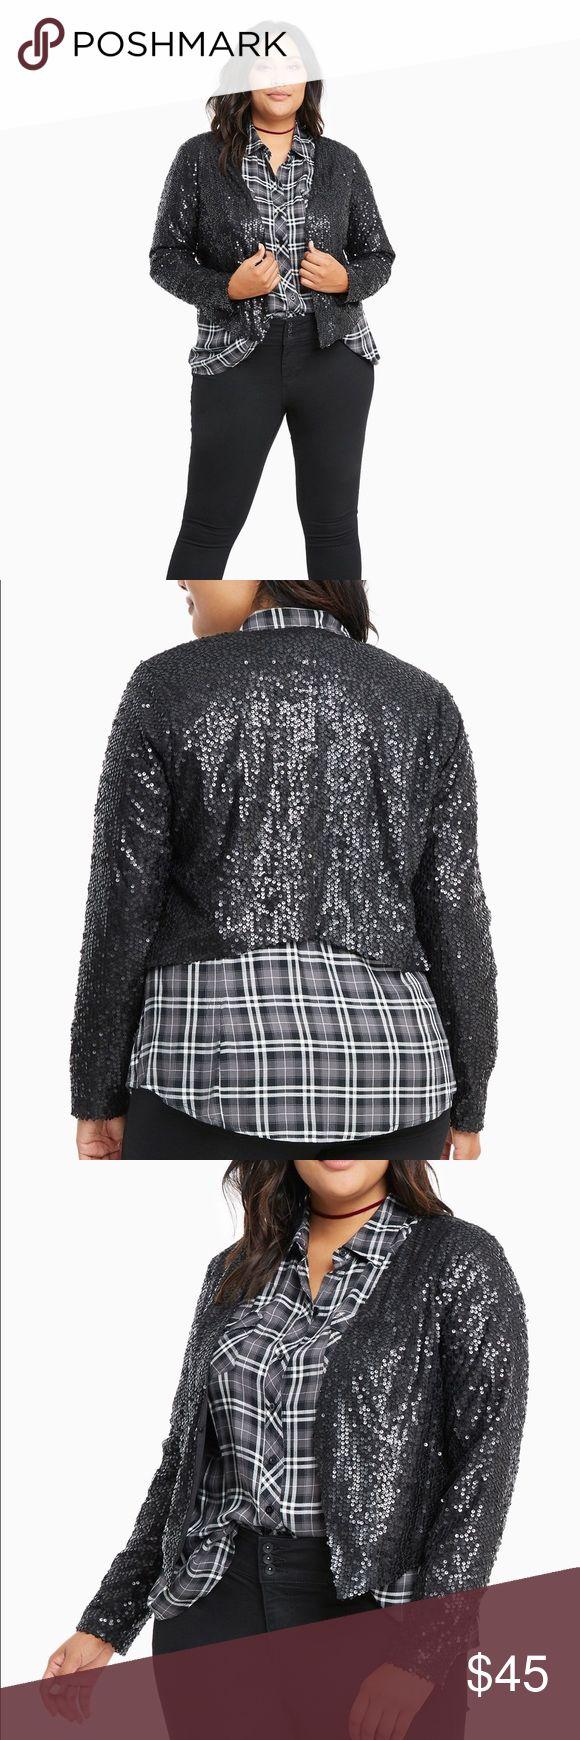 NWT Torrid Sequin Blazer Retails for 58.90. Size 1. torrid Jackets & Coats Blazers